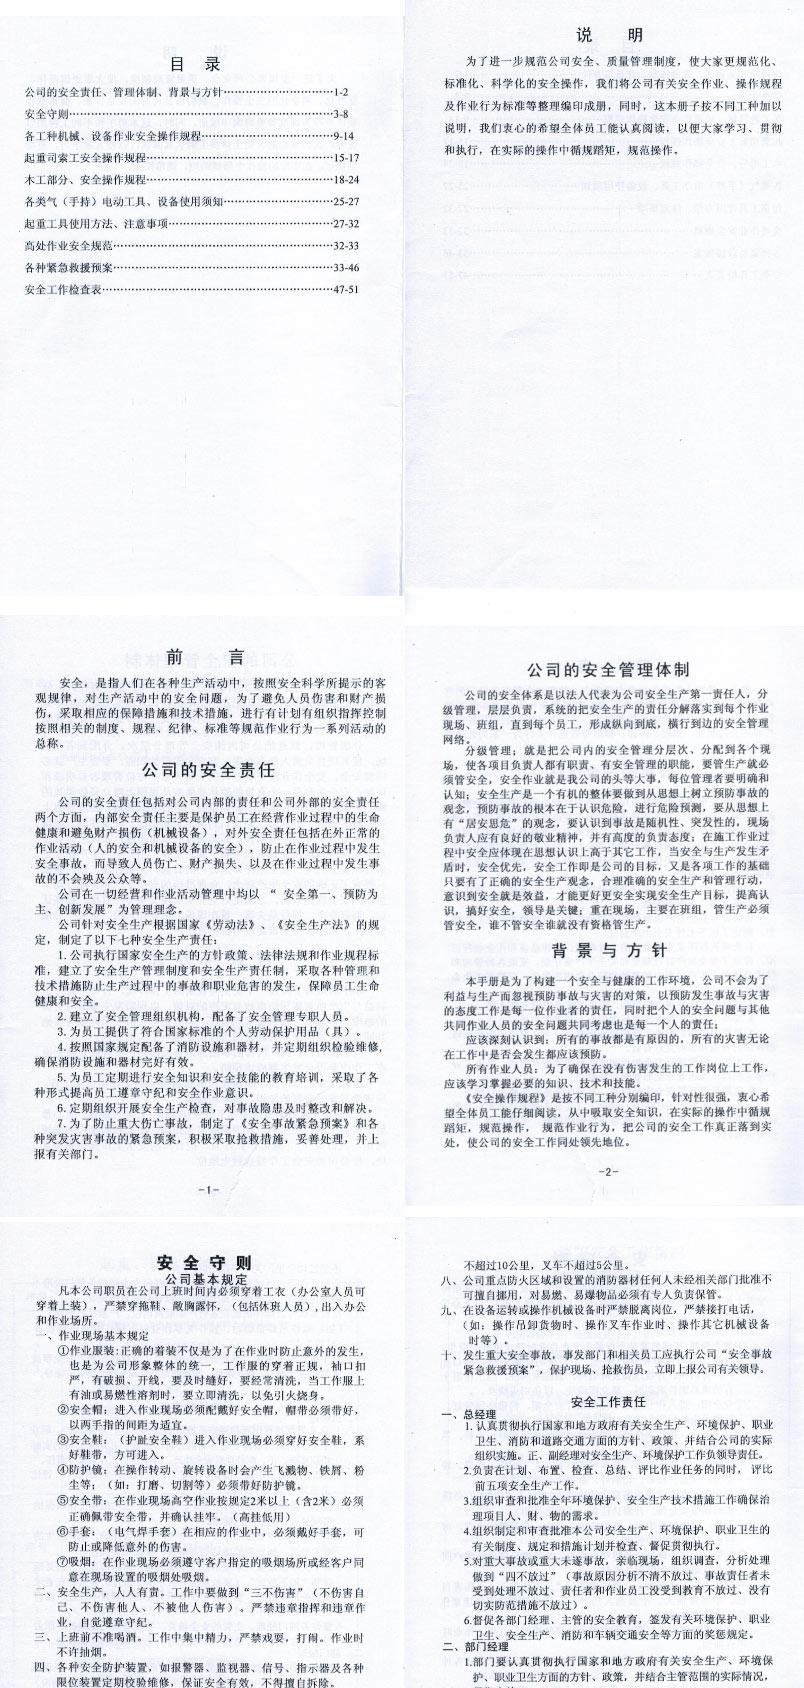 安全手册-安达利机电bob手机工程有限公司_01.jpg